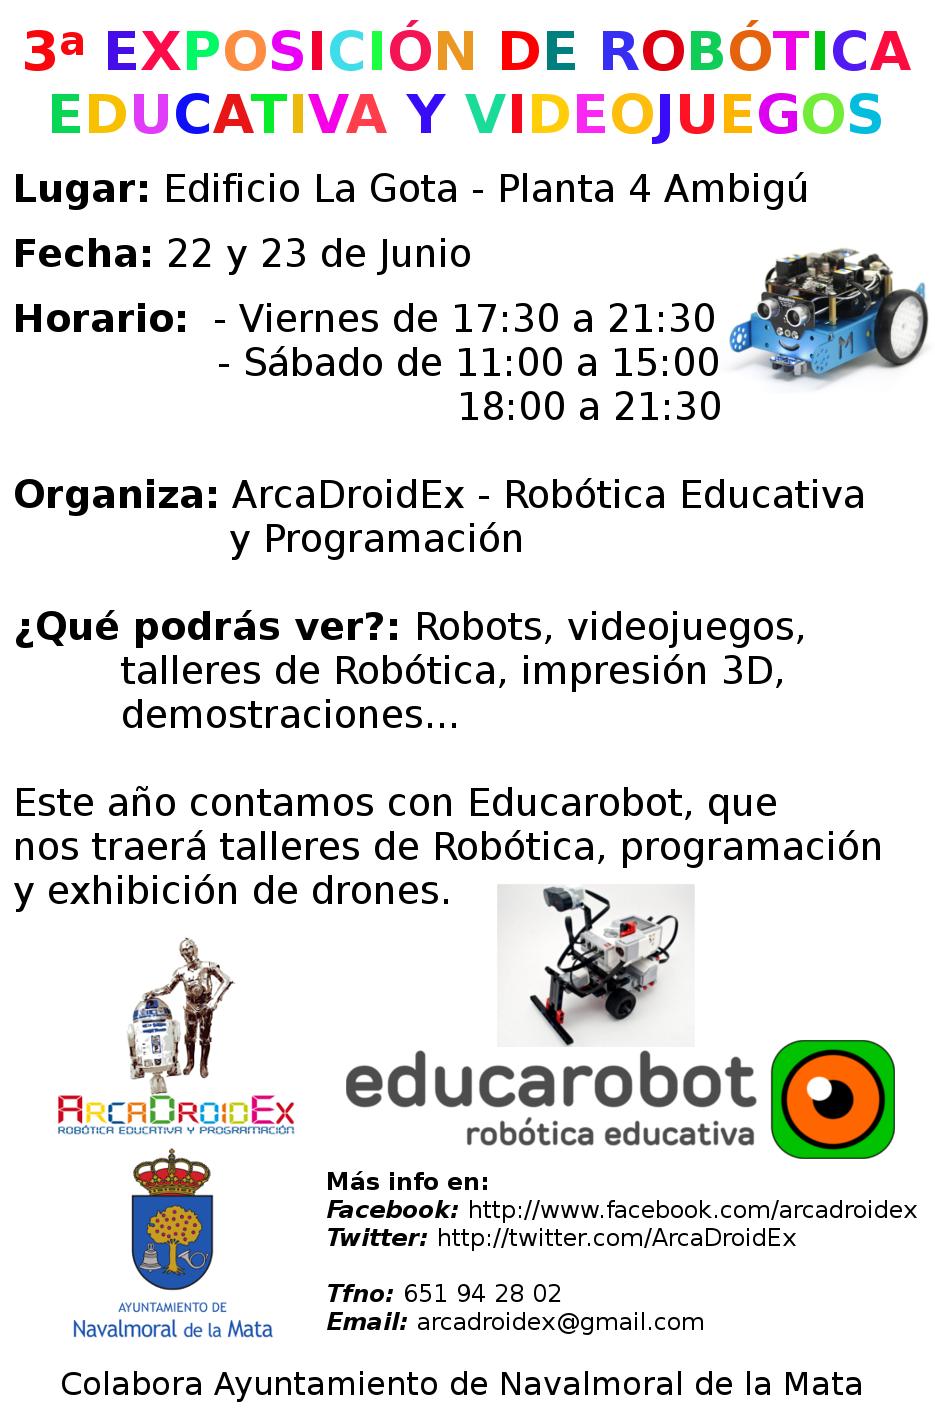 3ª Exposición de Robótica Educativa y videojuegos en Navalmoral de la Mata